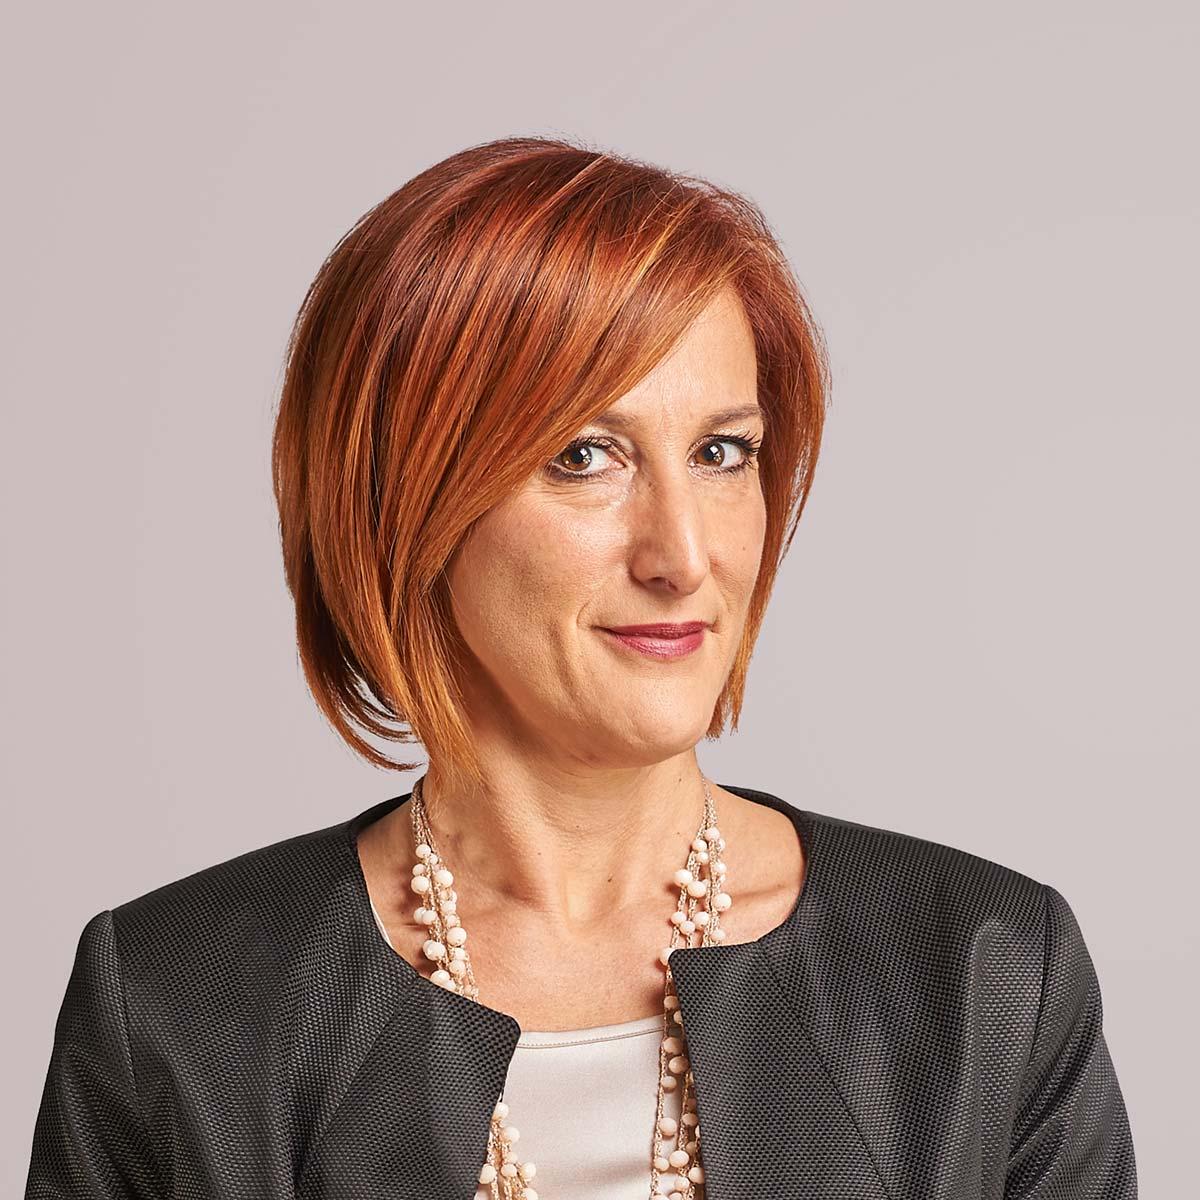 Camilla Pavanello